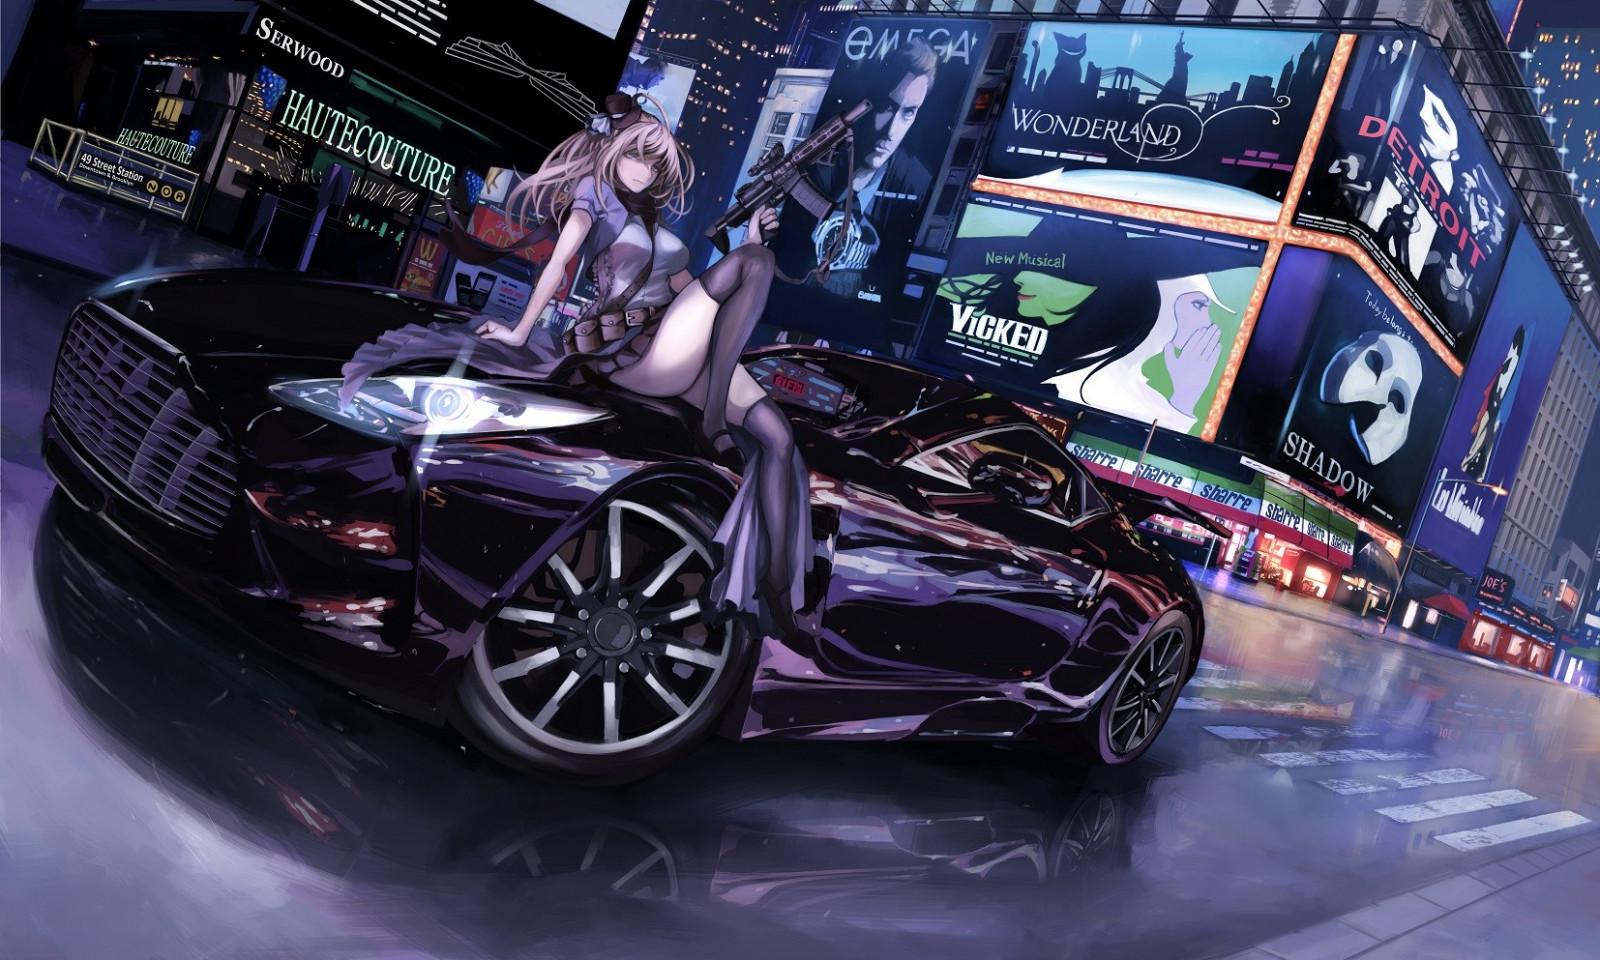 Hintergrundbilder Gewehr Lange Haare Anime Mädchen Auto Fahrzeug Waffe New York City Sportwagen Alice Im Wunderland Aston Martin Ausstellung Supercar Landfahrzeug Automobil Design Automobil Machen Luxusfahrzeug Autoshow 1654x993